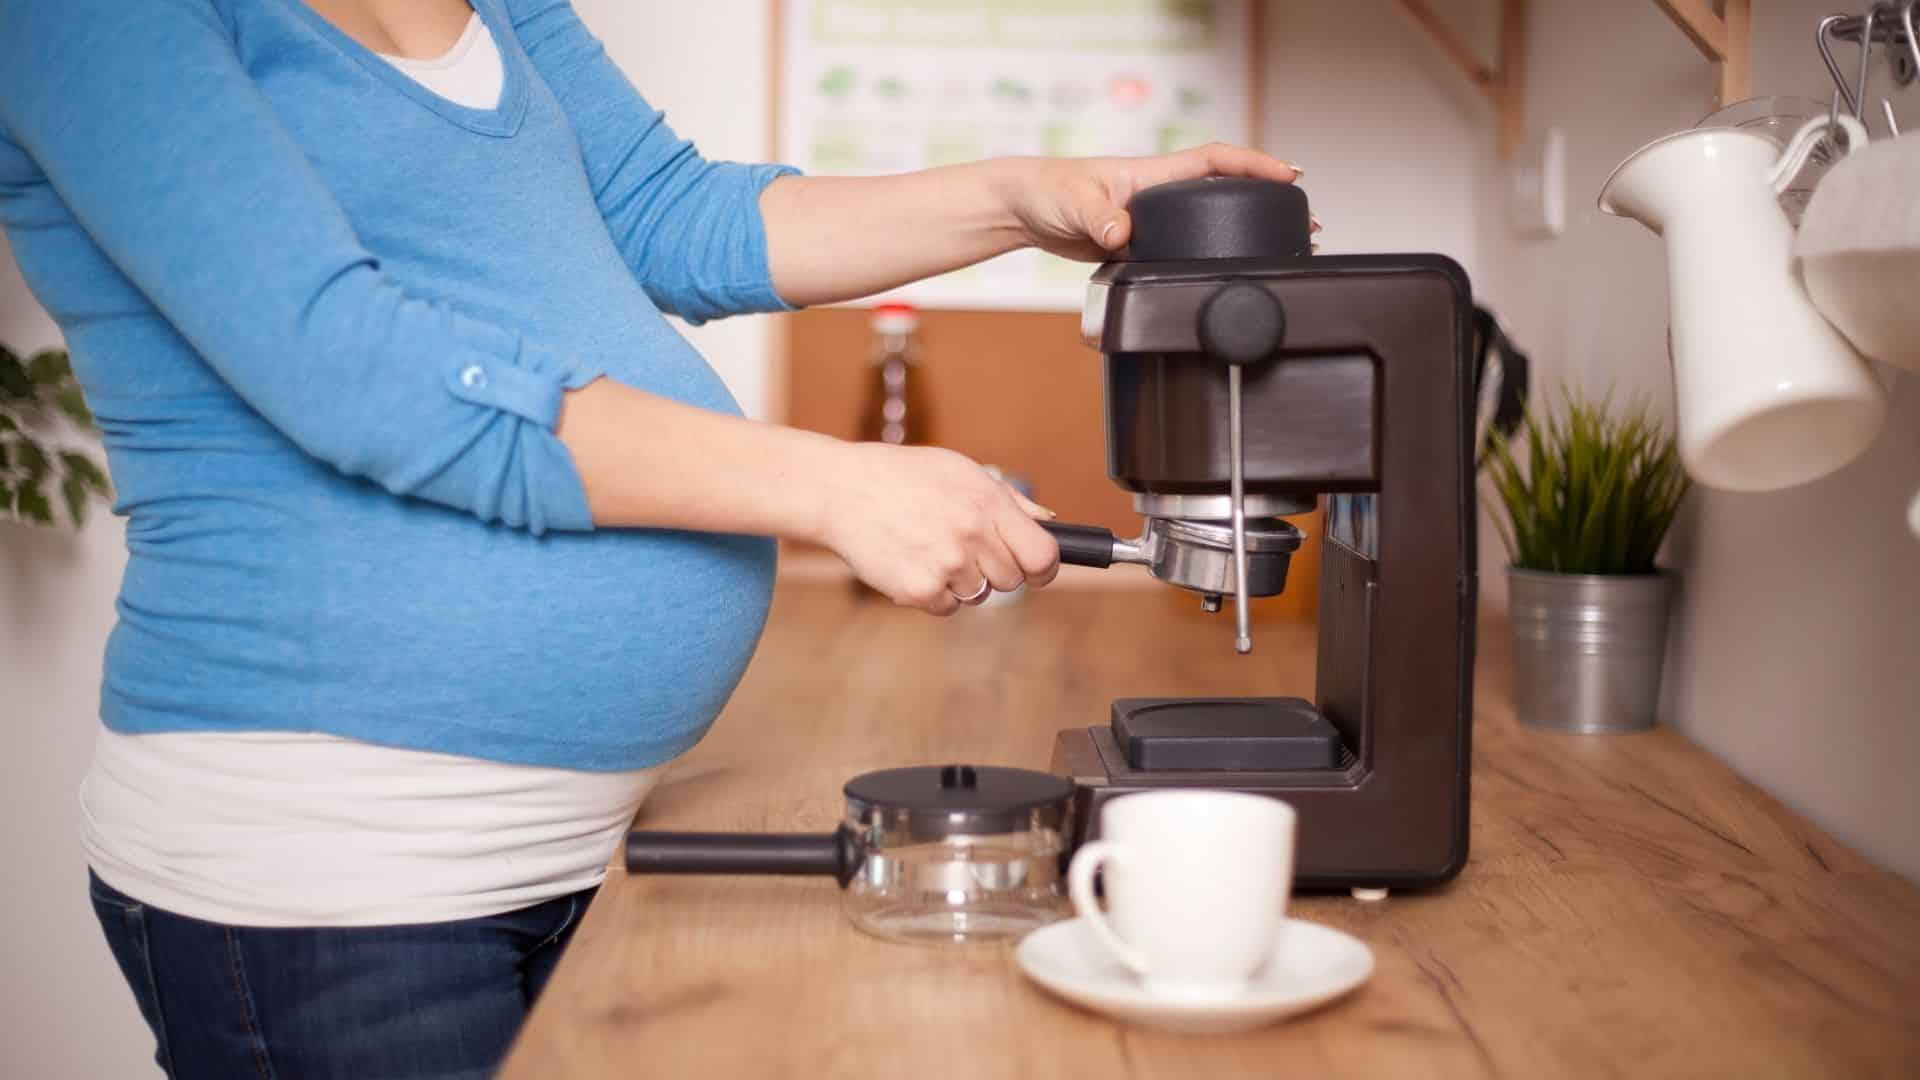 A legjobb, ha kávé terhesen a lehető legnagyobb mértékben korlátozza a koffeinbevitelt, mivel a magas szintet a terhességi szövődményekhez kötik. Koffein táblázat segítségével megtudhatja a napi koffein bevitelét.